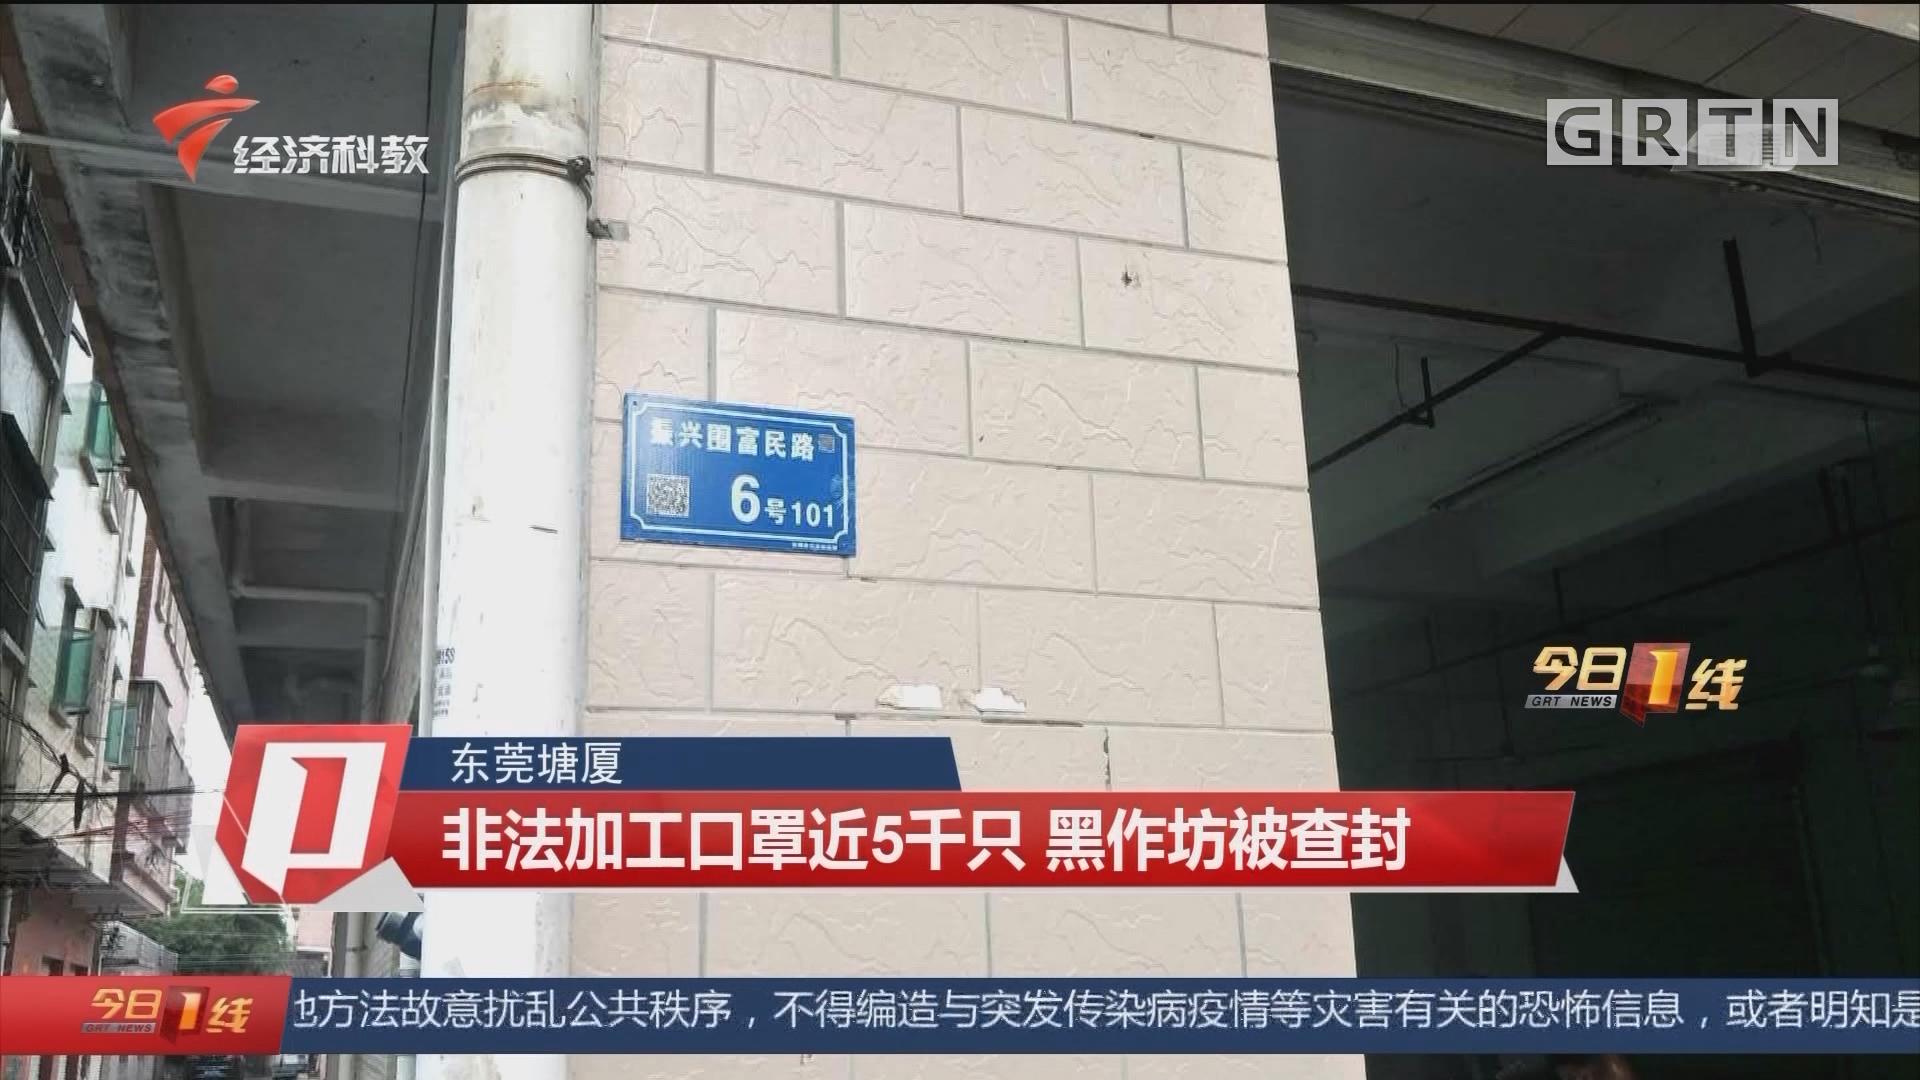 东莞塘厦:非法加工口罩近5千只 黑作坊被查封